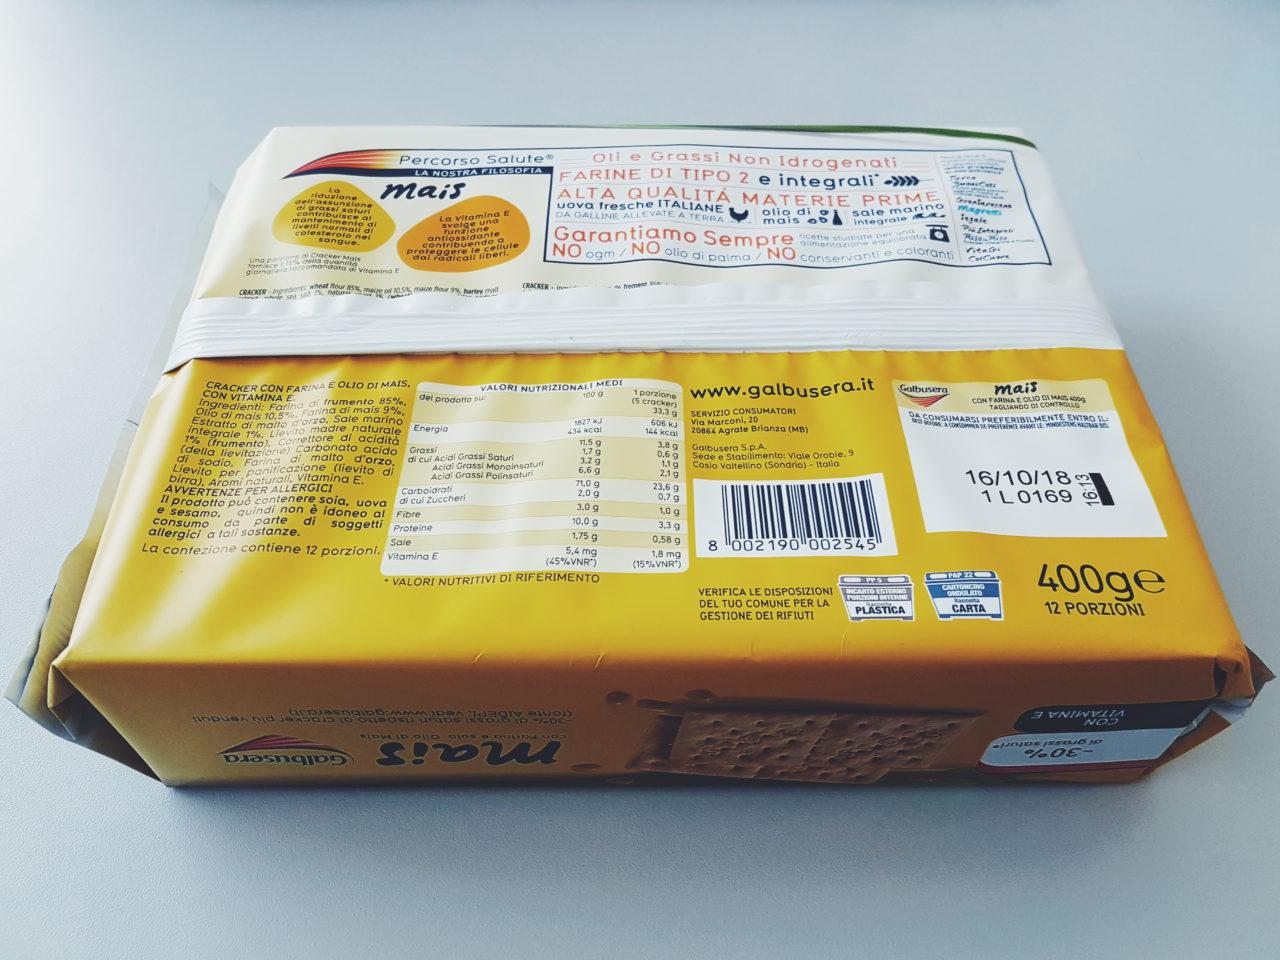 03.-stabilimento-in-etichetta-1280x960.jpg